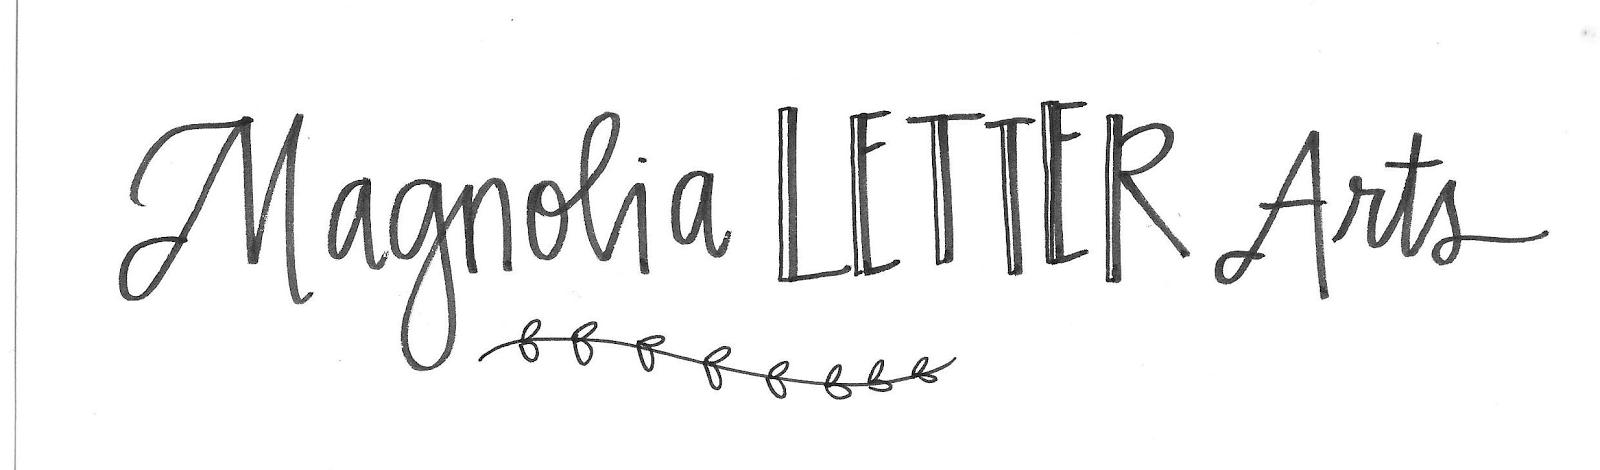 Magnolia Letter Arts